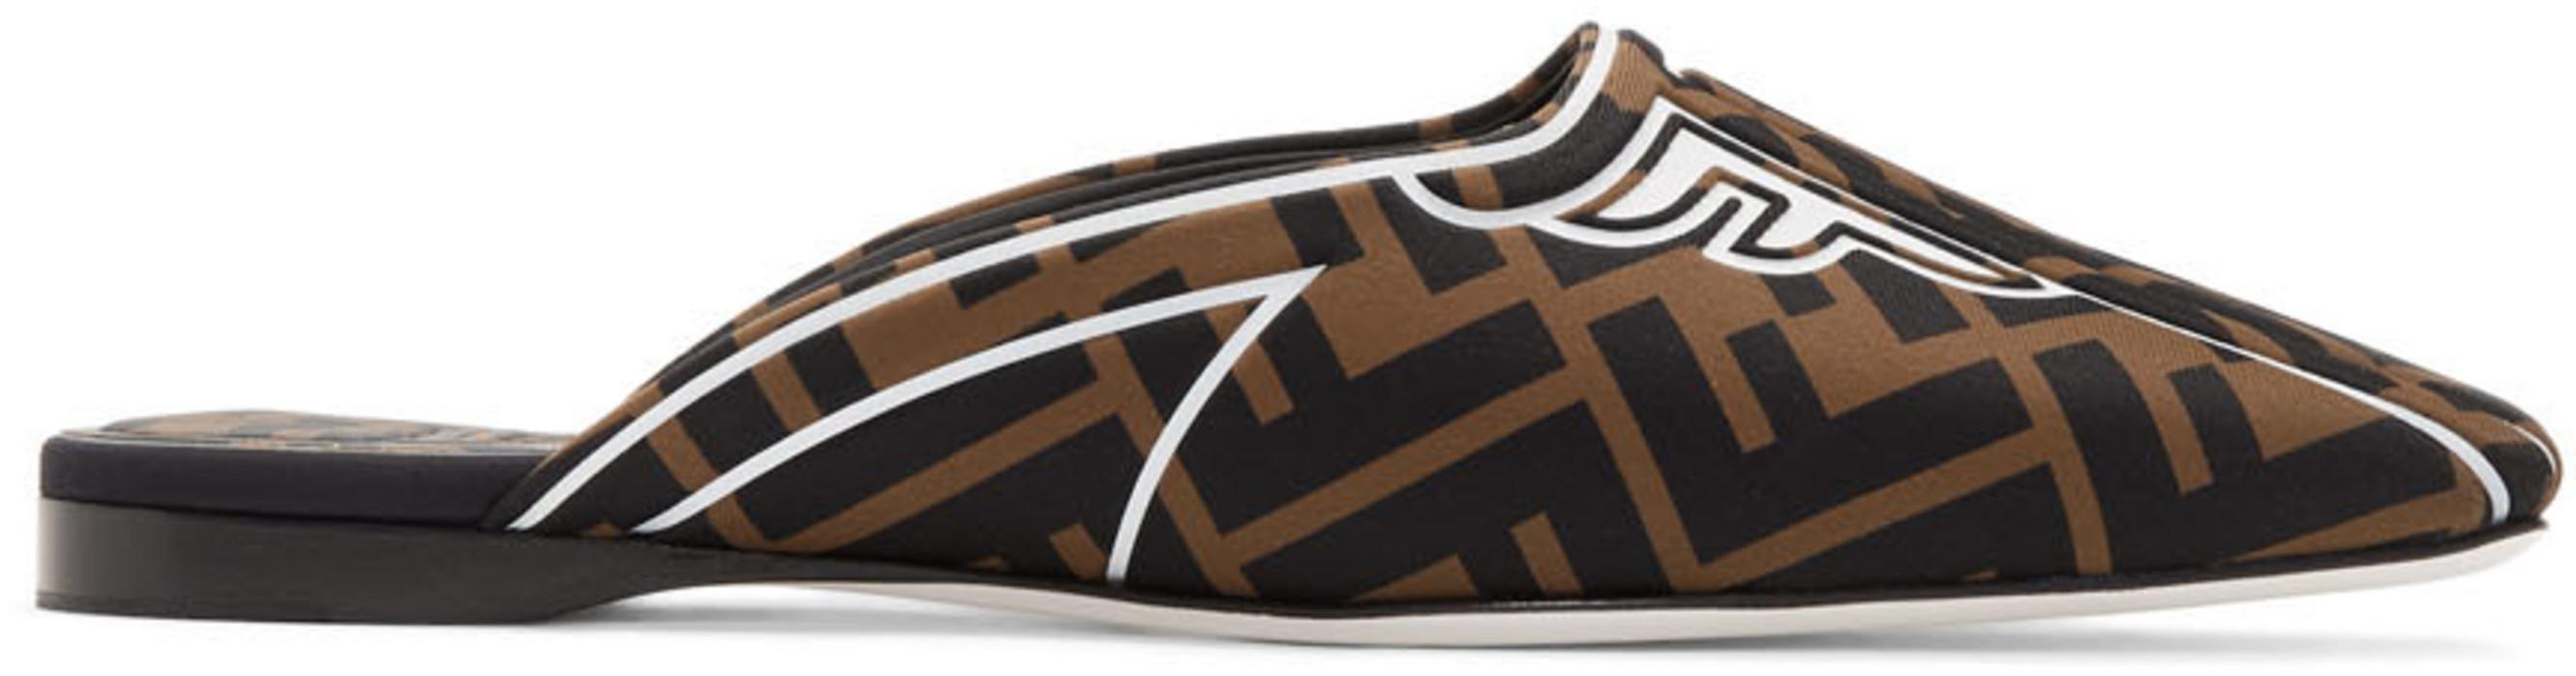 8f9536e8bd3 Designer slippers   loafers for Women